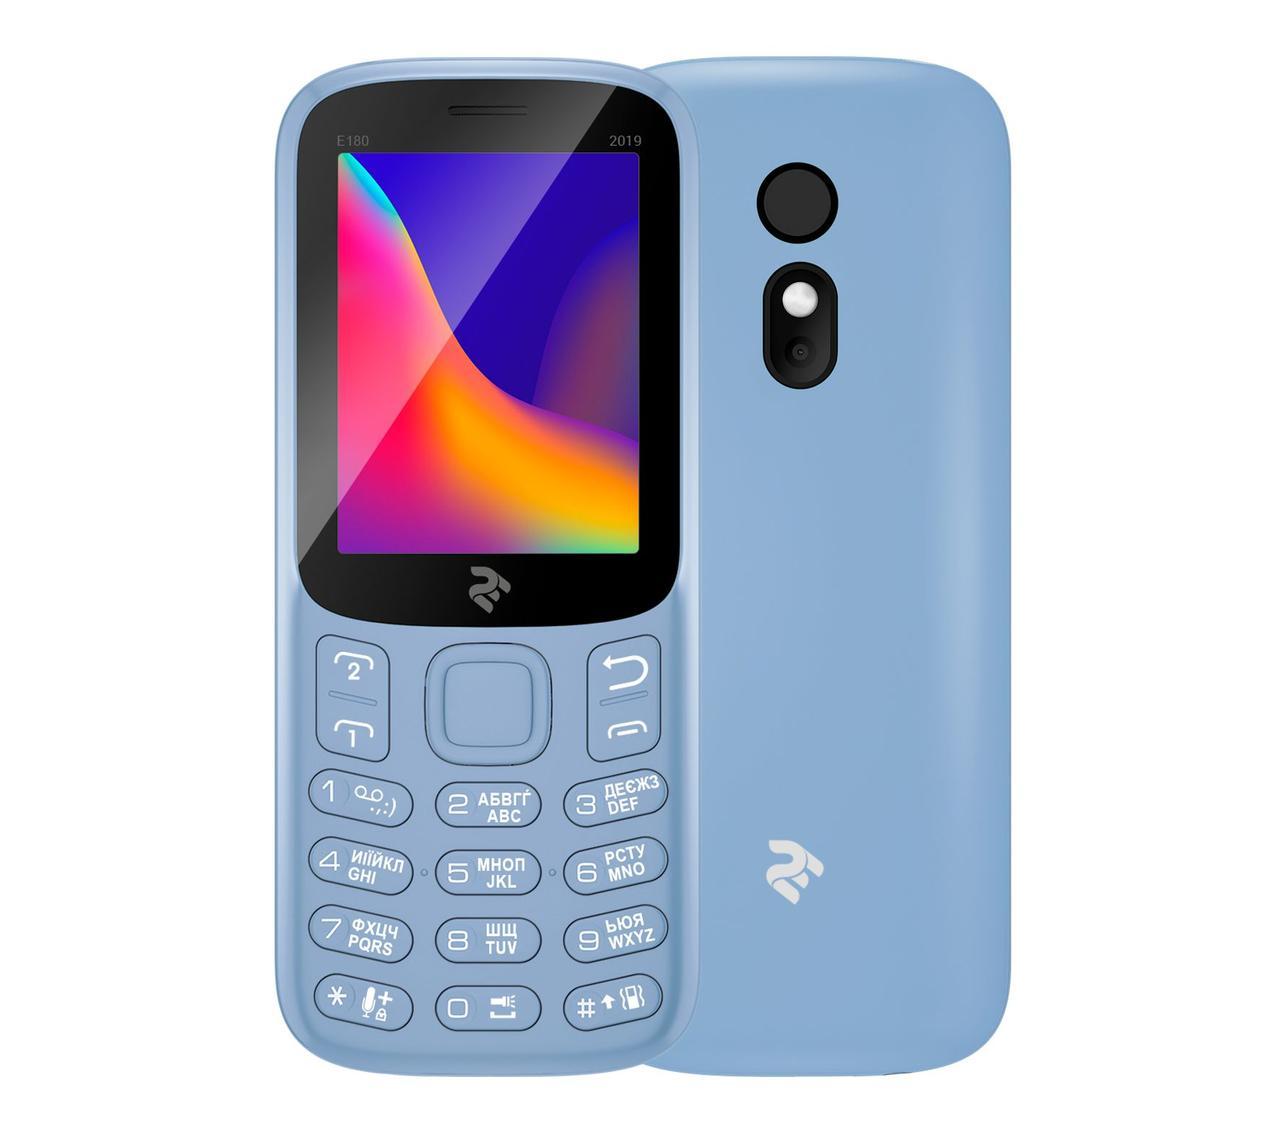 Мобільний телефон 2E E180 2019 DUALSIM City Blue (Синій)